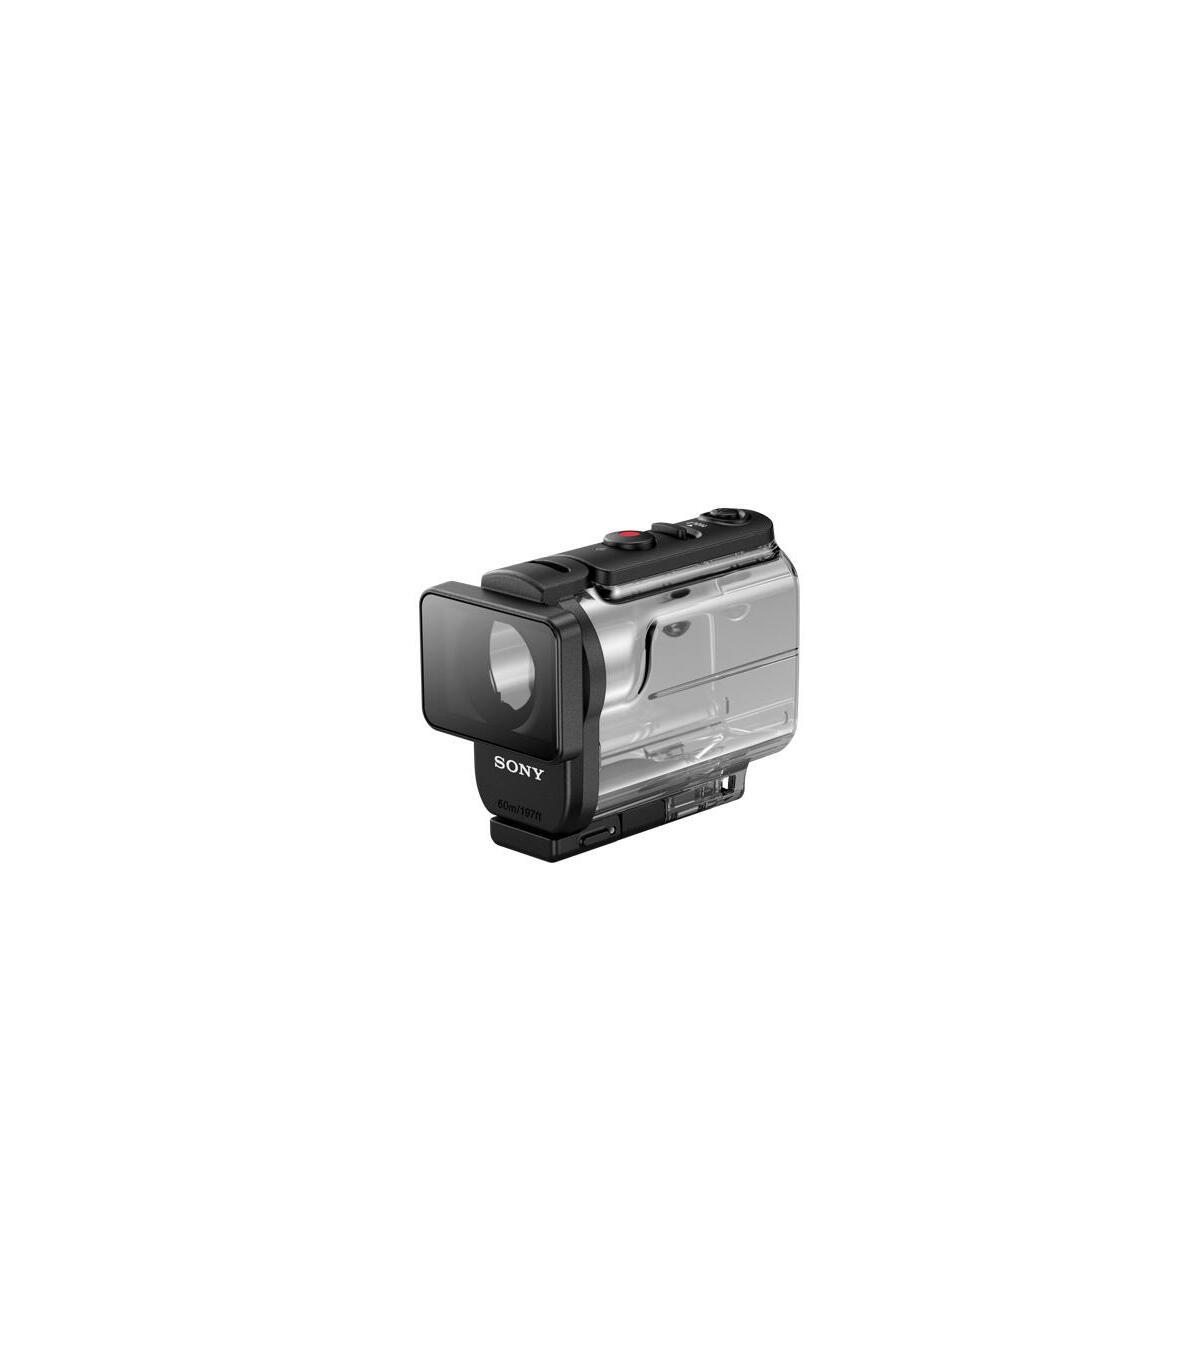 Batería de repuesto batería de repuesto cámara de vídeo 1000mah para Sony Actioncam hdr-as50